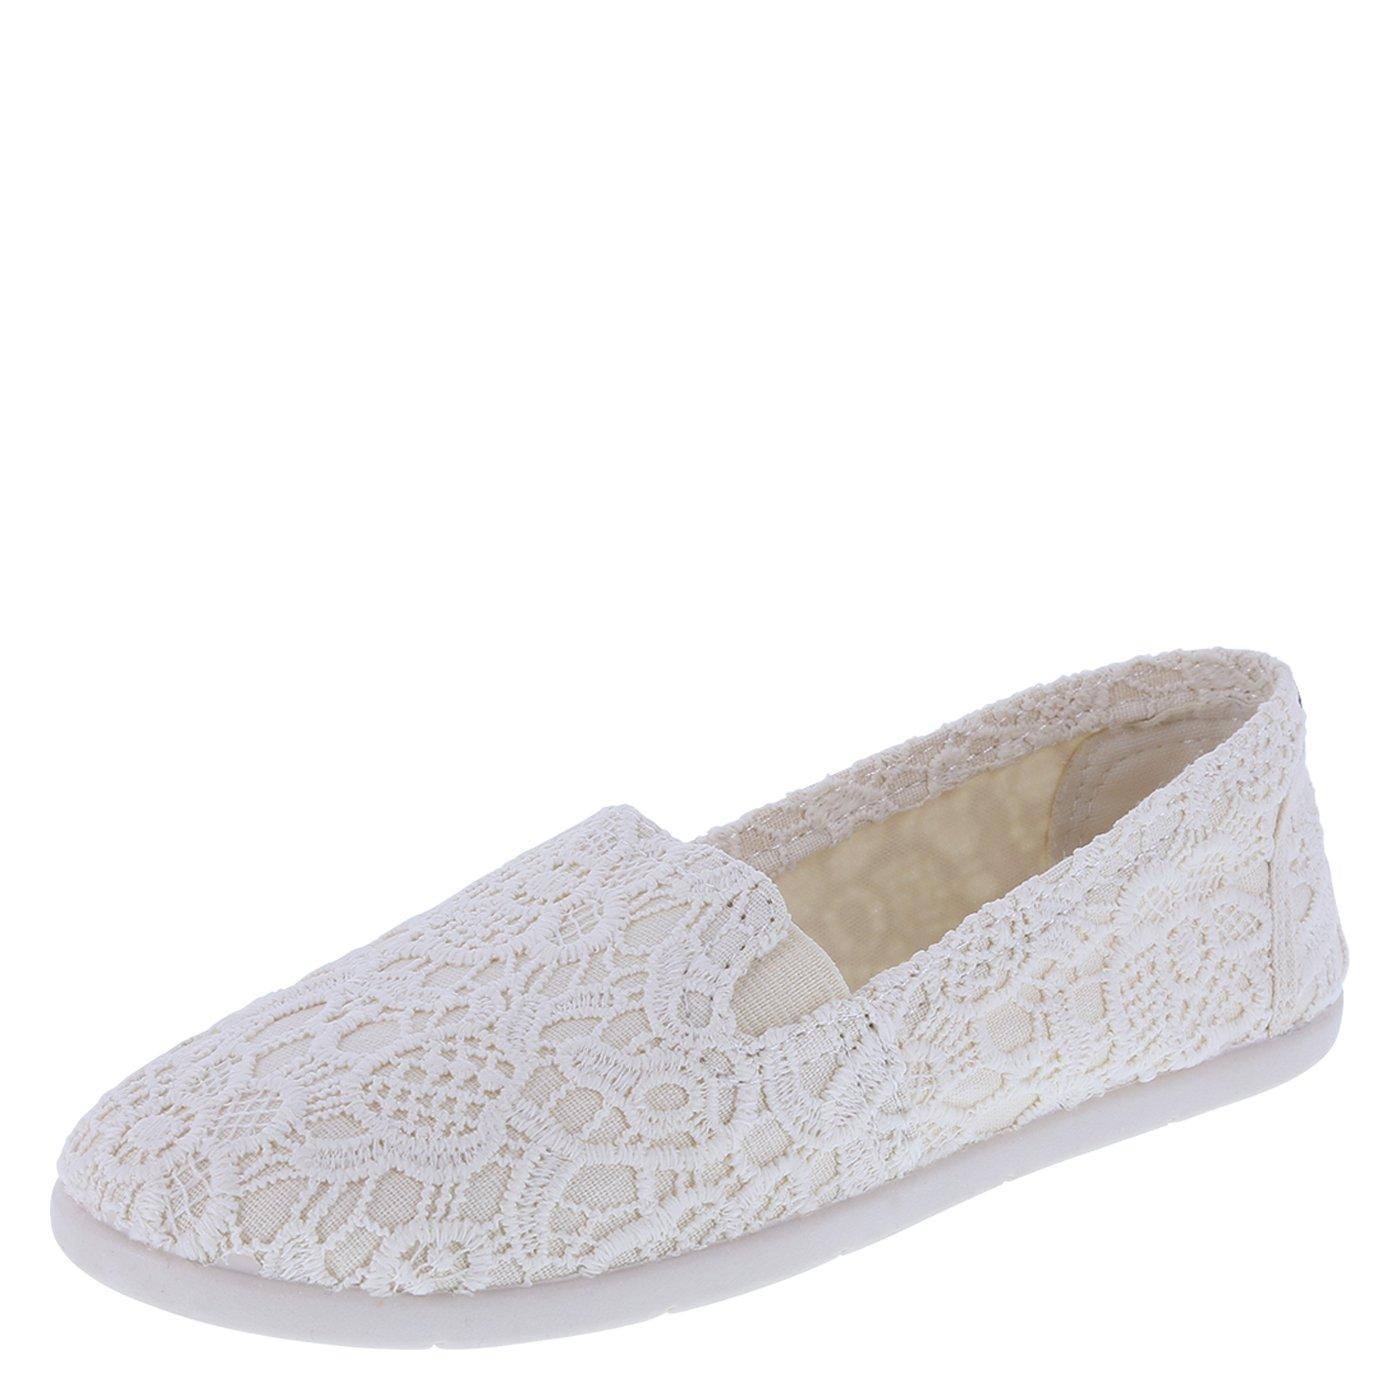 939feae074064 Airwalk Women's Cream Floral Crochet Women's Dream Slip-On 6 Regular